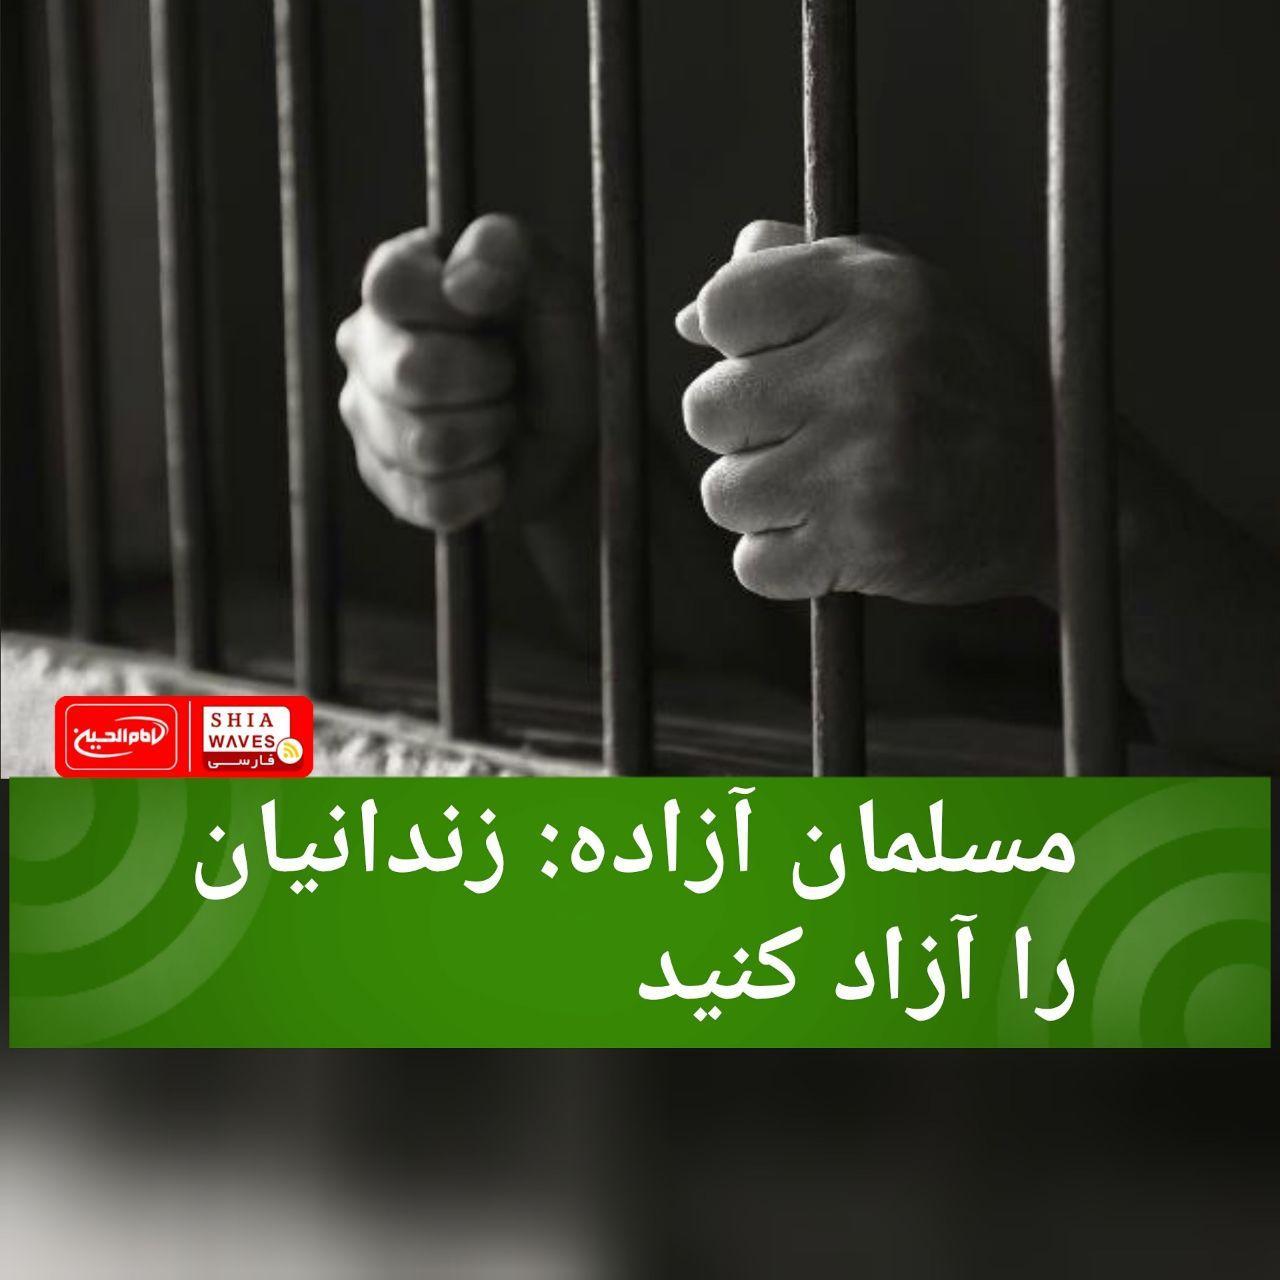 تصویر مسلمان آزاده: زندانیان را آزاد کنید